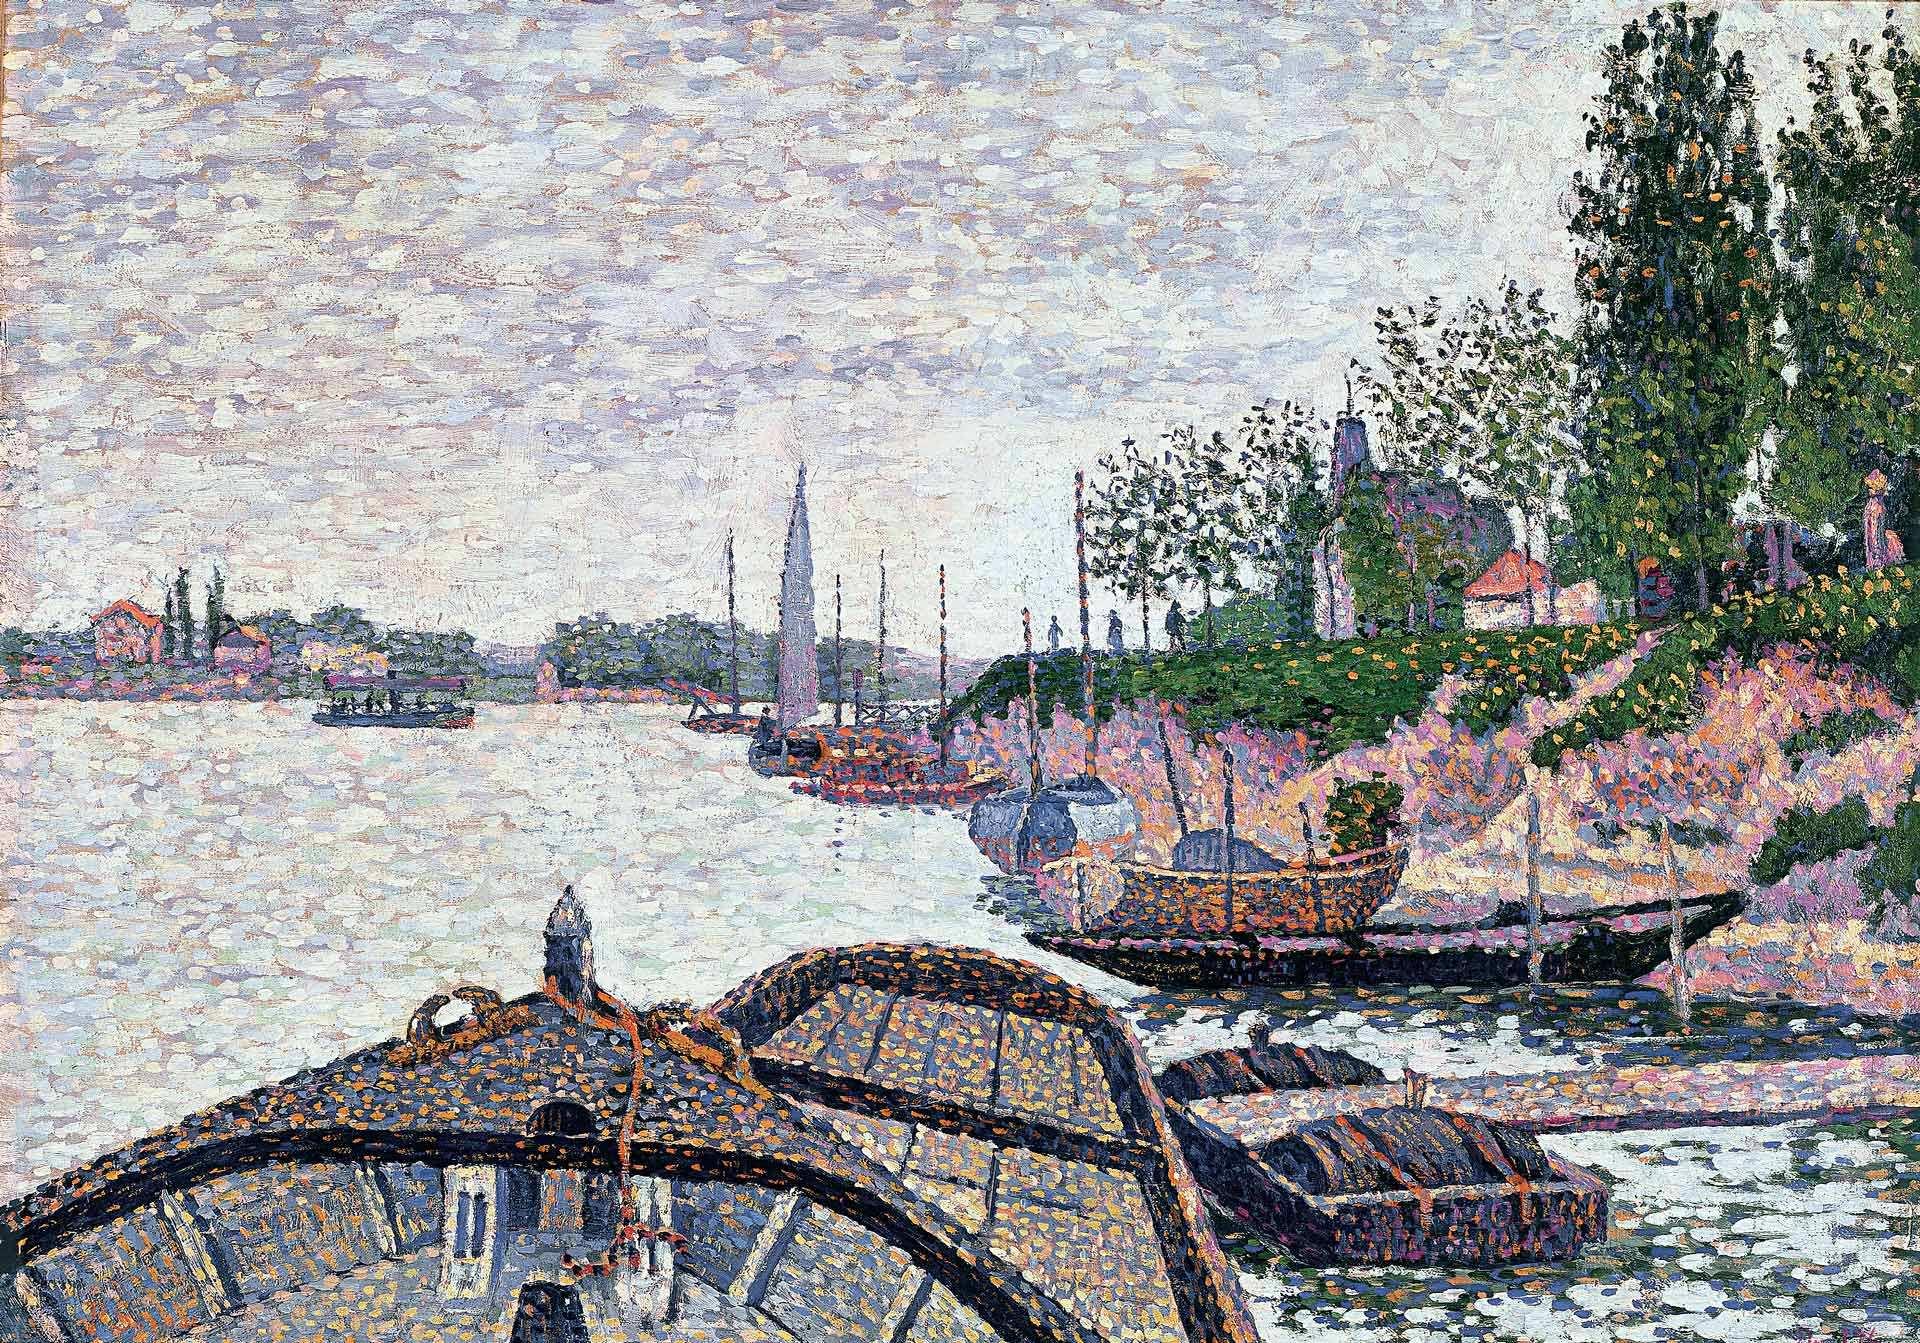 Paul Signac (1863-1935), Avant du Tub, Opus 176, 1888. Collection particulière